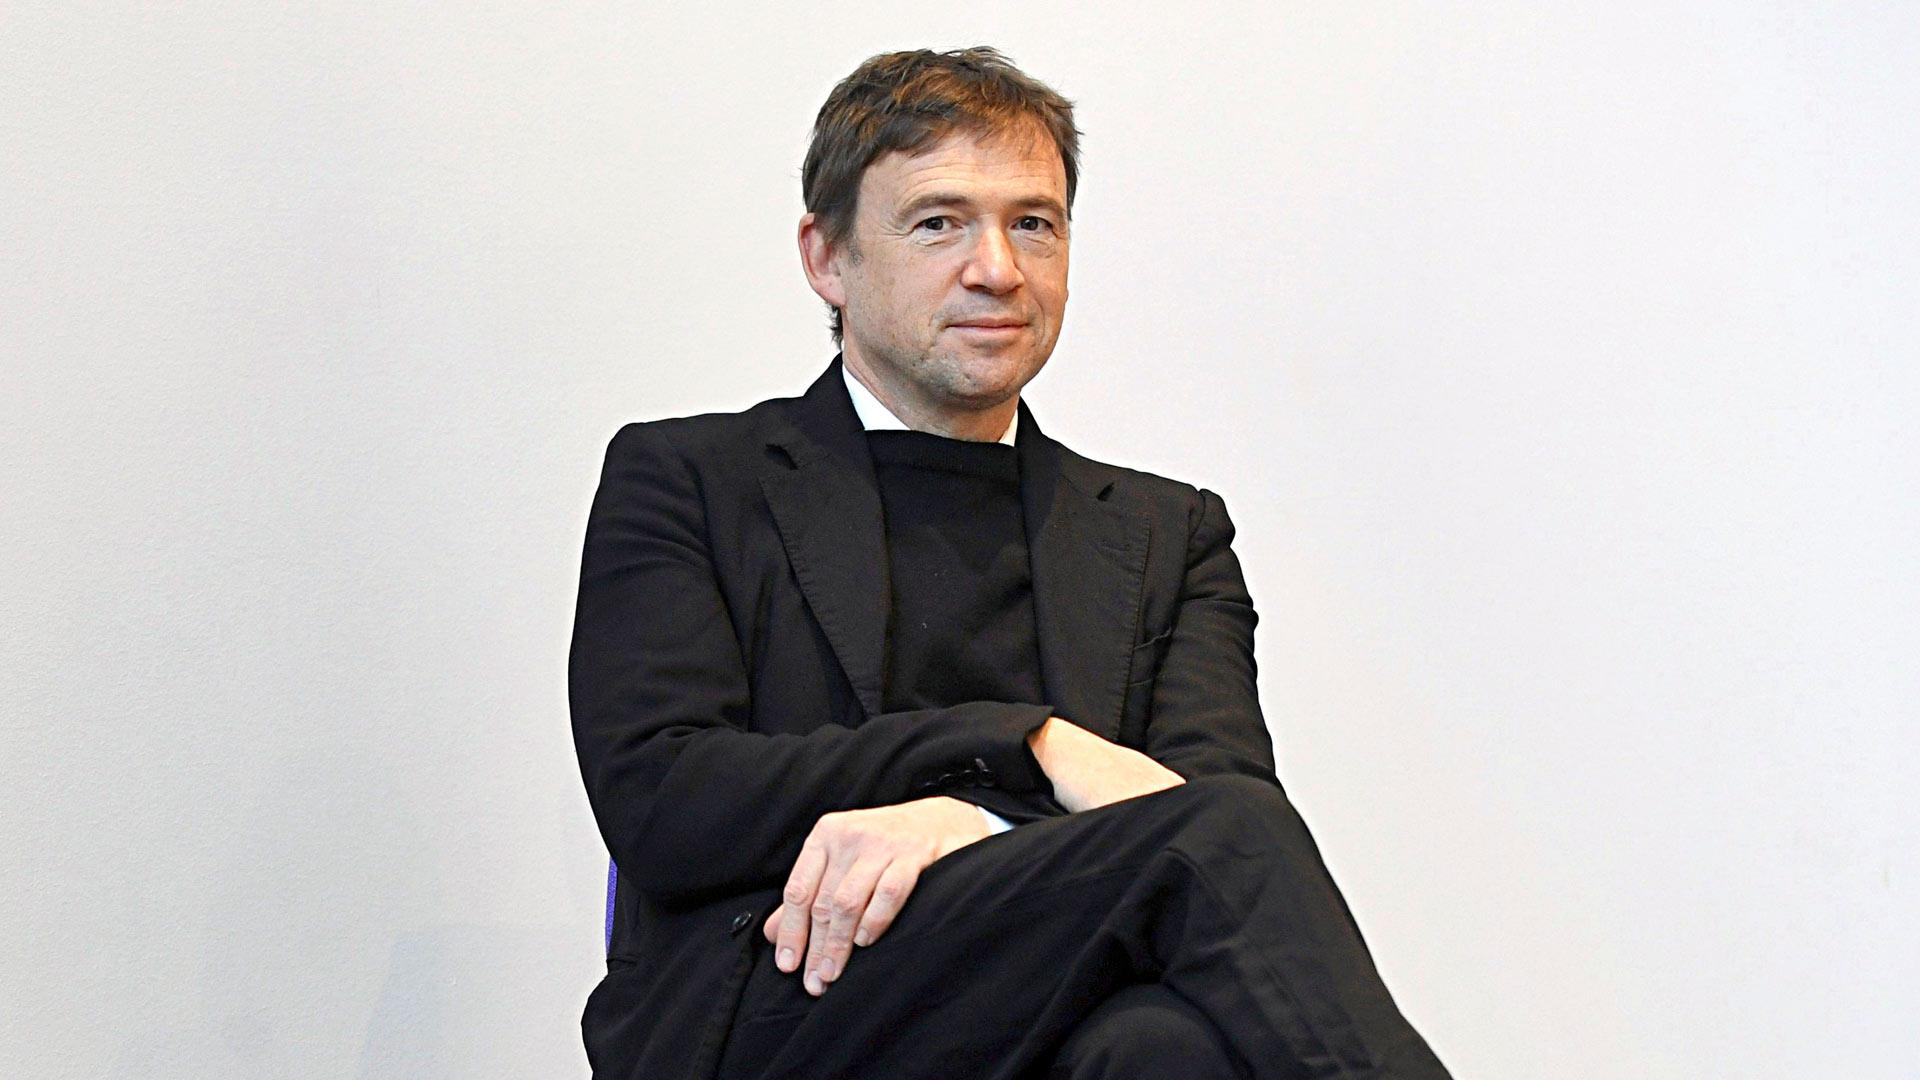 David Nicholls on käsikirjoittanut TV-sarjoja, muun muassa Rimakauhua ja Rakkautta.